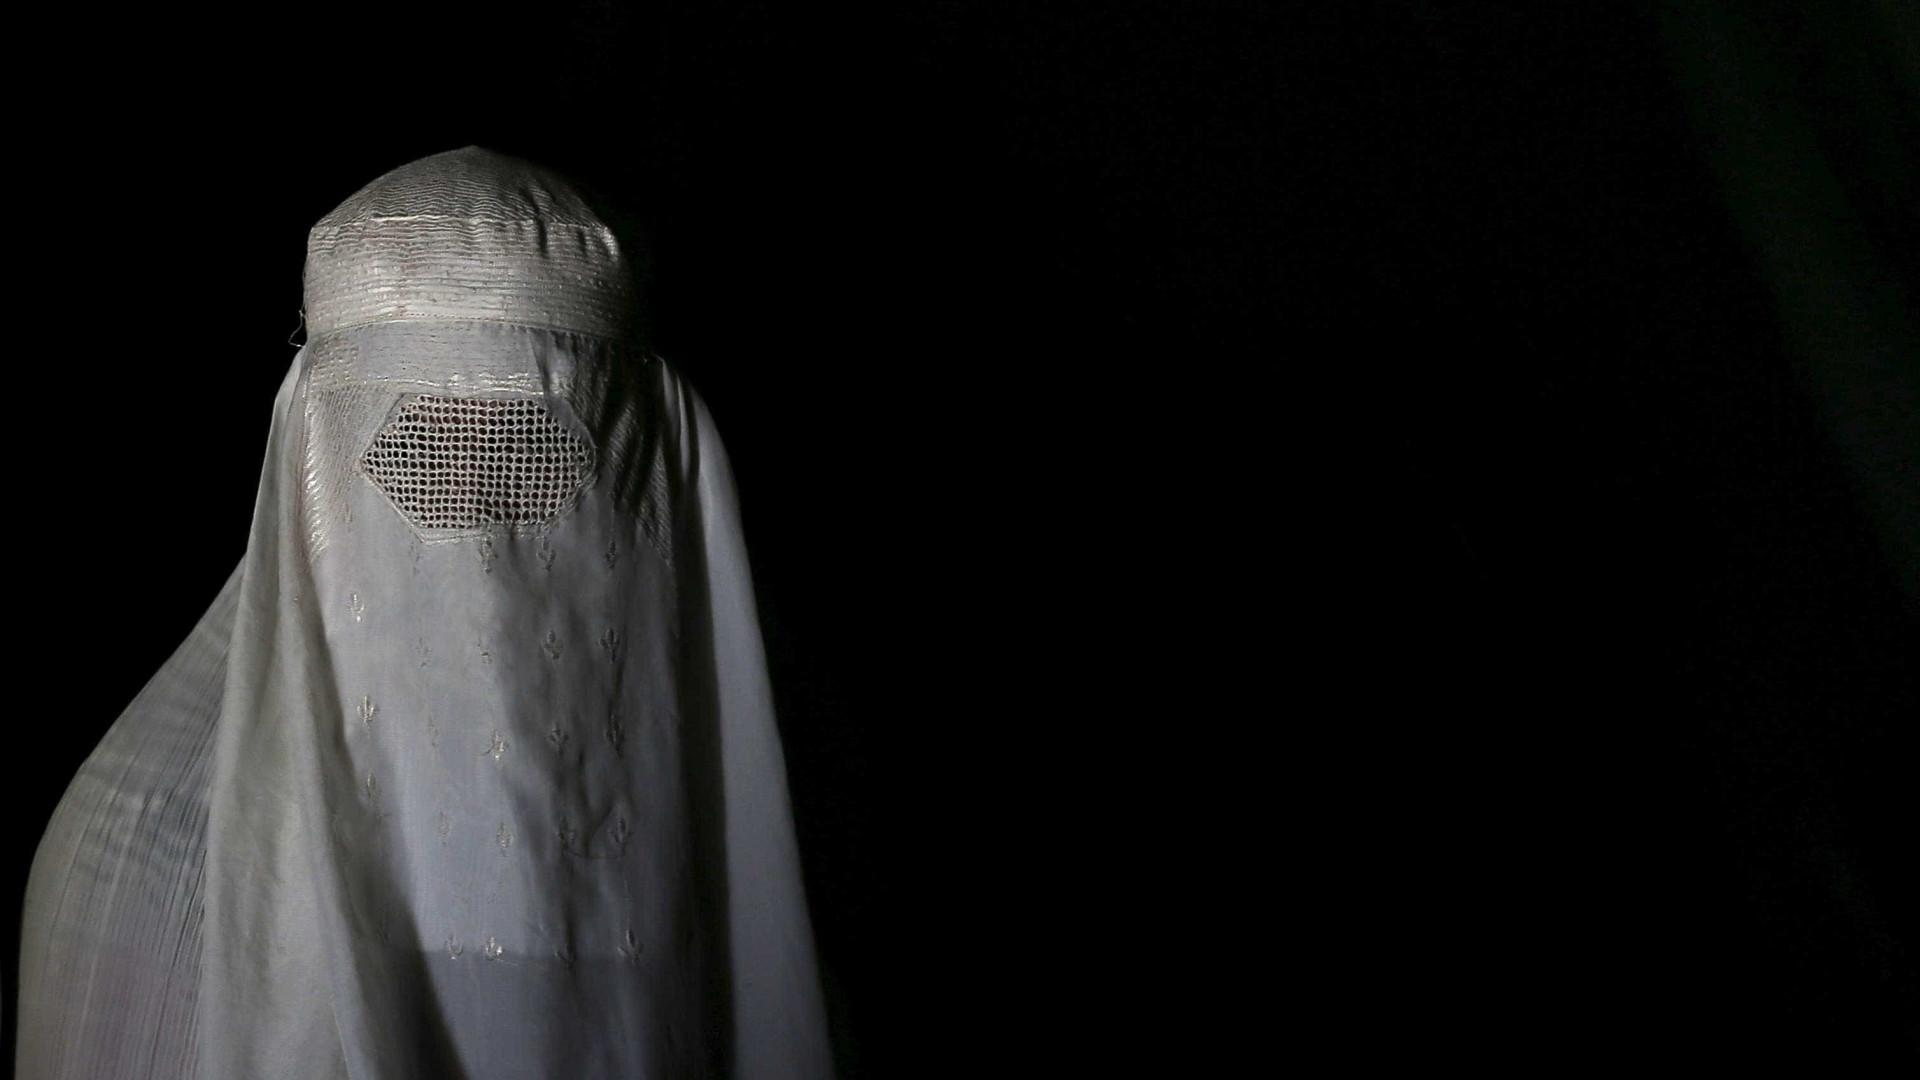 Parlamento holandês proíbe uso parcial da burqa em espaços públicos